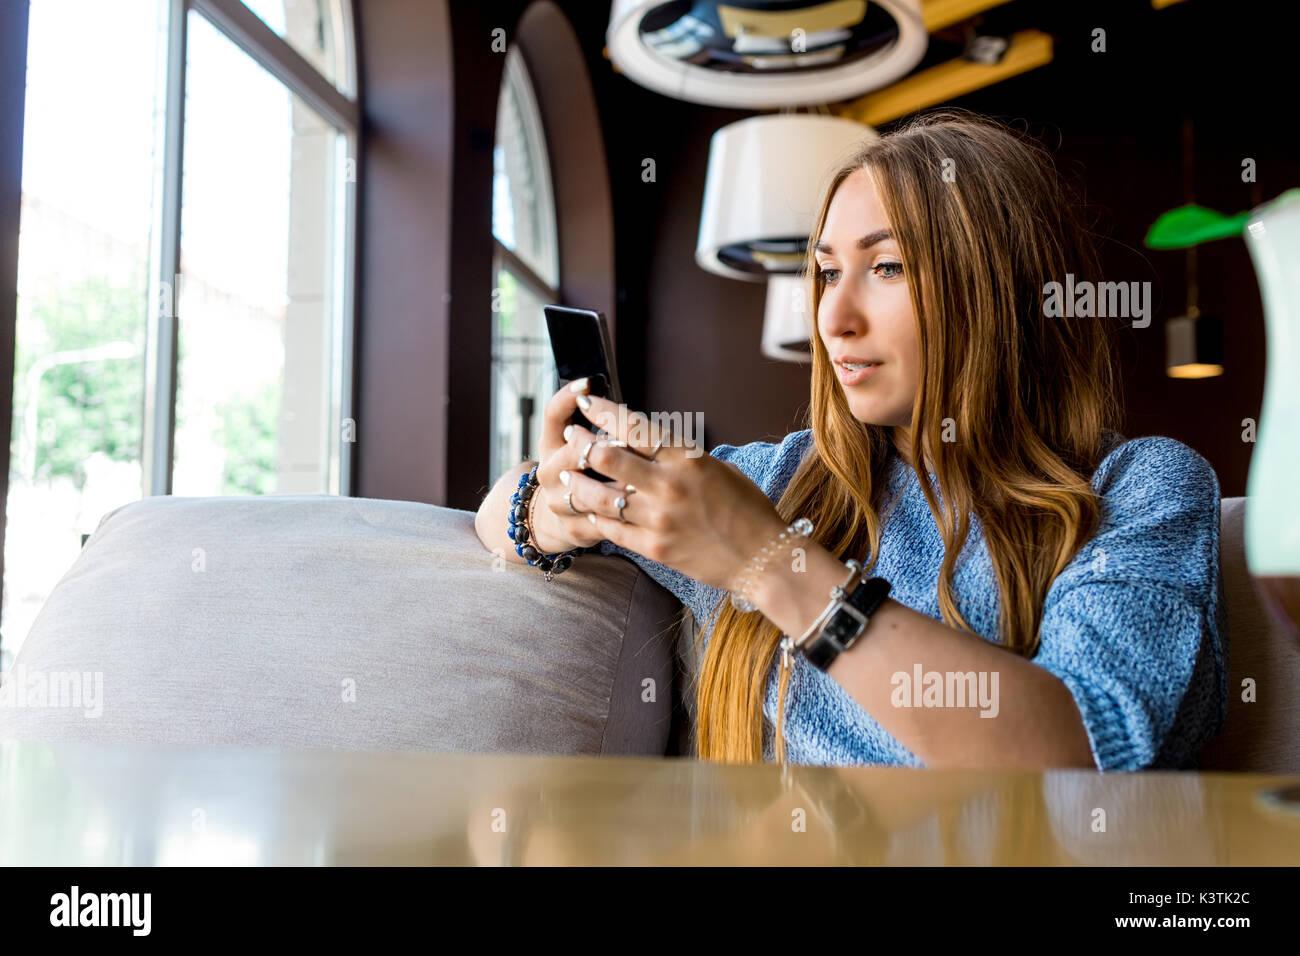 Portret del giovane femmina la lettura di sms sul cellulare in cafe. Tonica. Messa a fuoco selettiva. Immagini Stock